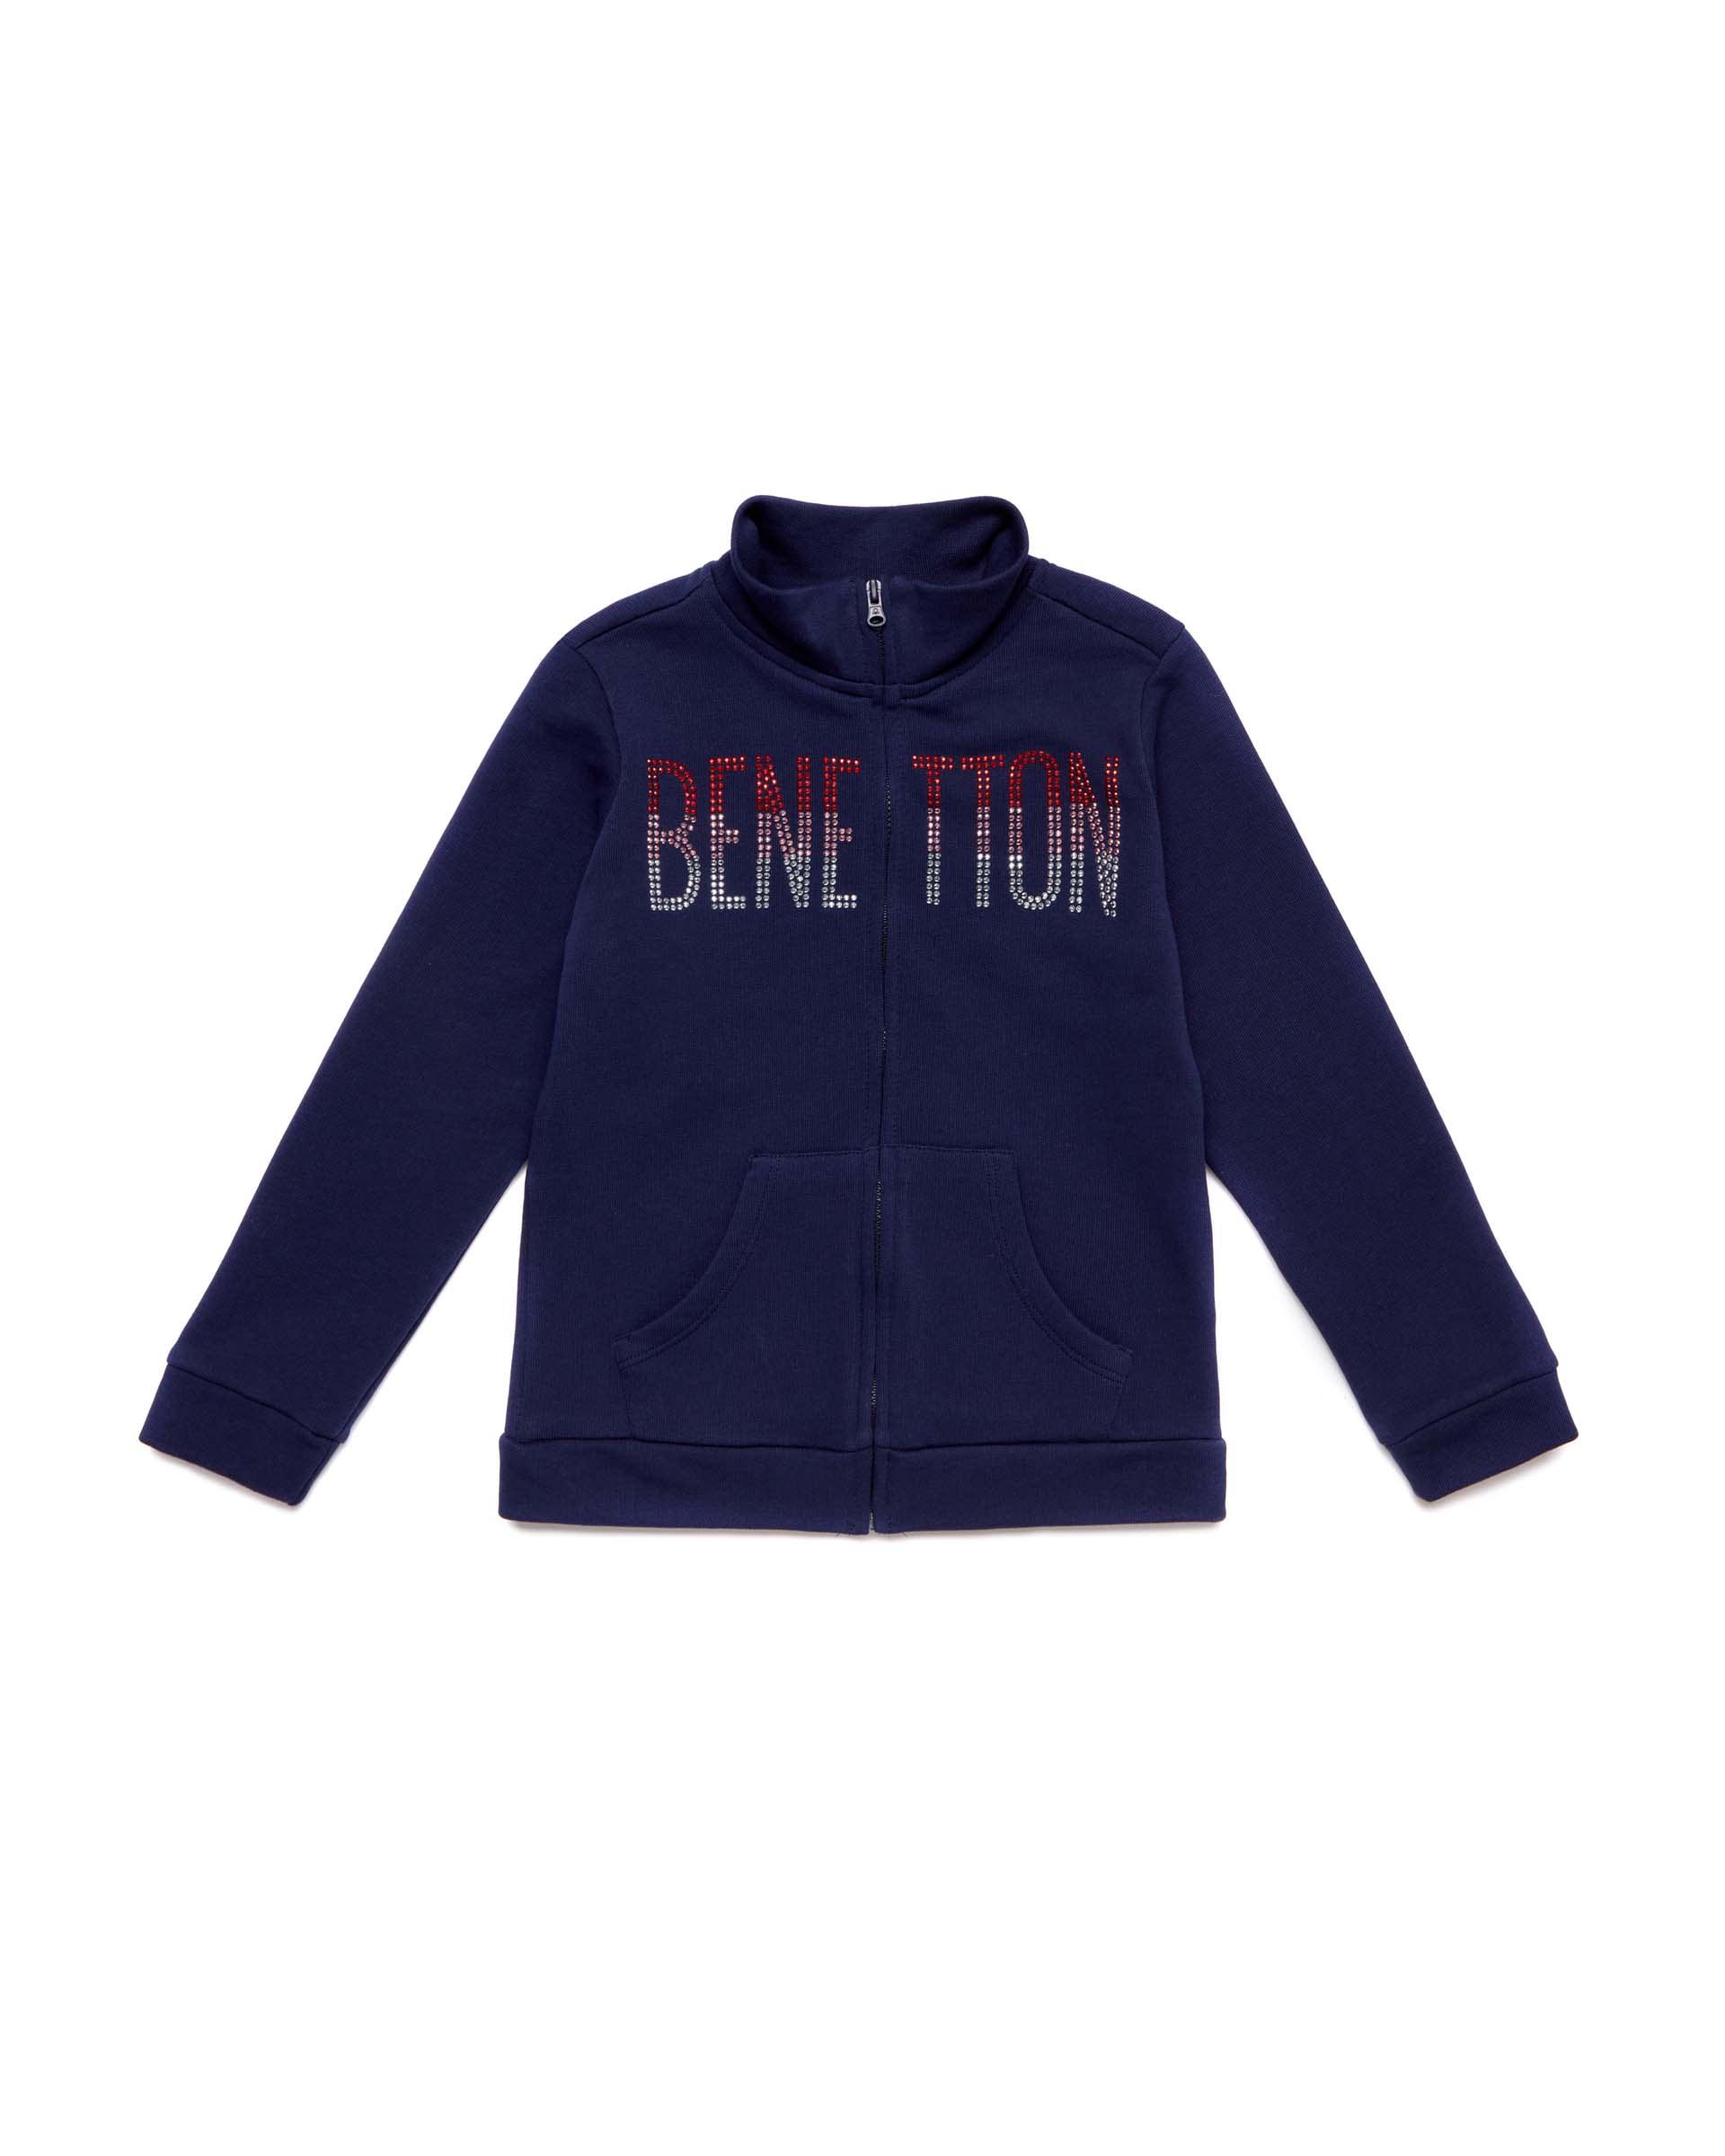 Купить 20P_3J68C5793_252, Толстовка для девочек Benetton 3J68C5793_252 р-р 80, United Colors of Benetton, Кофточки, футболки для новорожденных